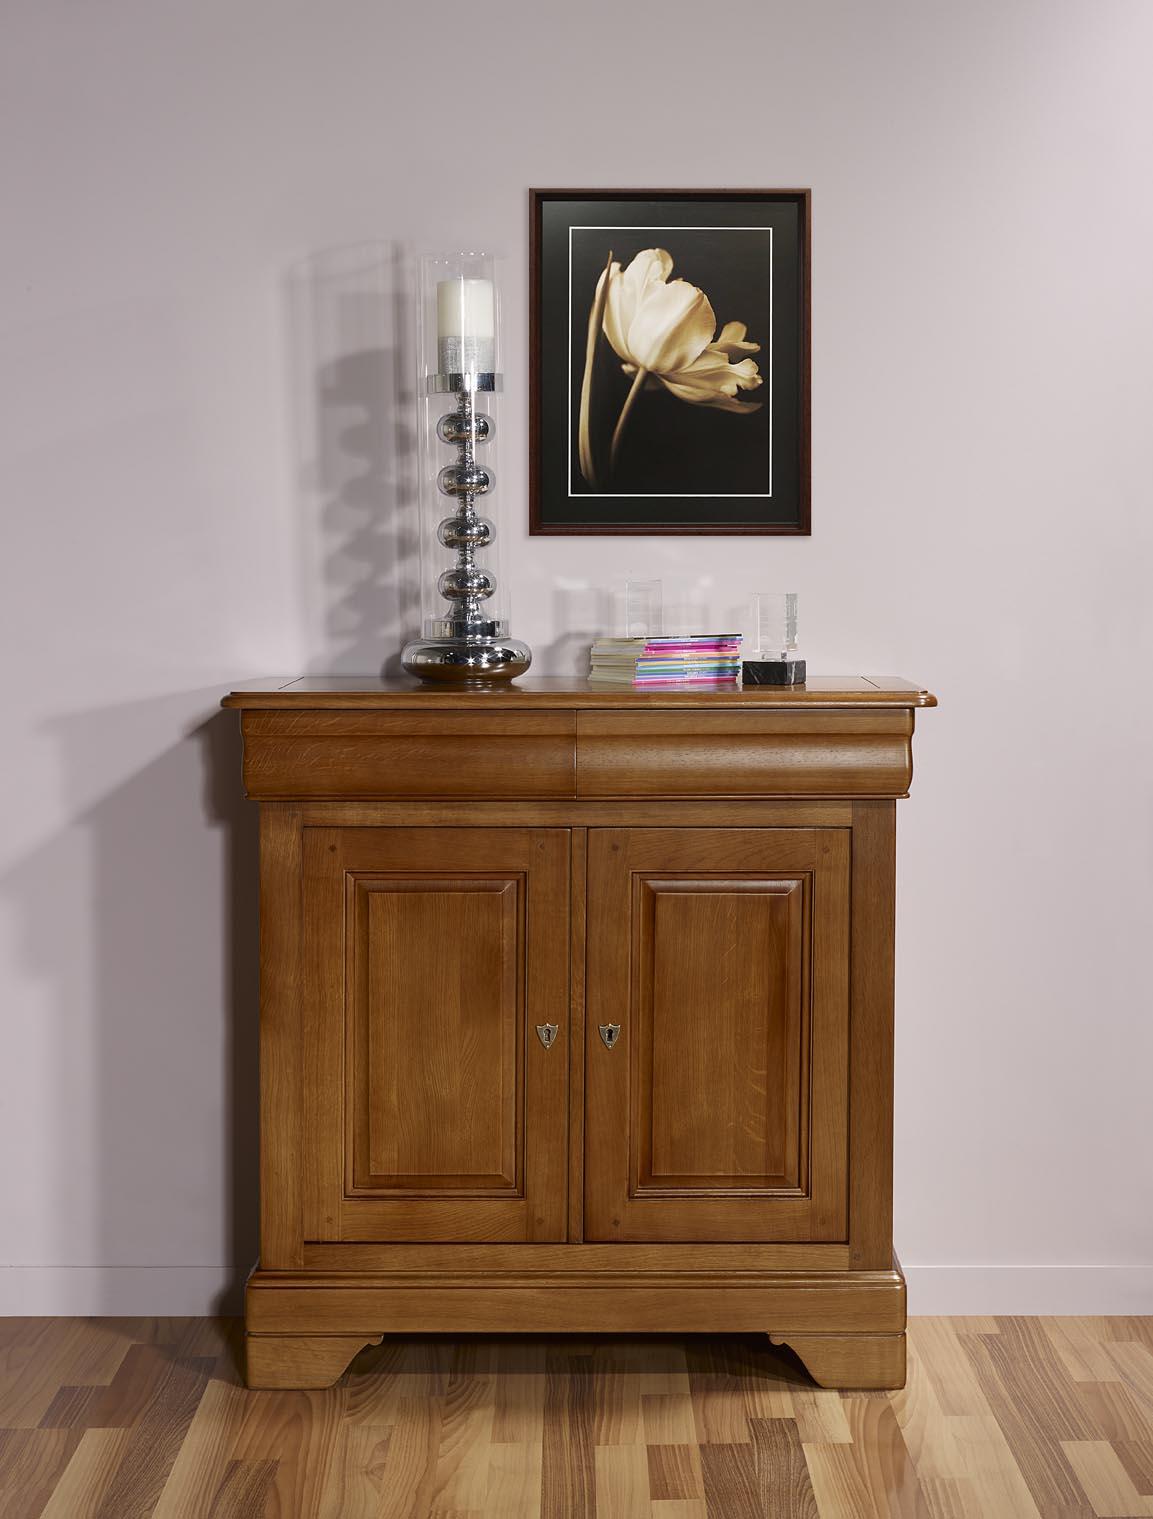 petit buffet 2 portes en ch ne massif de style louis philippe profondeur 52 cm meuble en ch ne. Black Bedroom Furniture Sets. Home Design Ideas